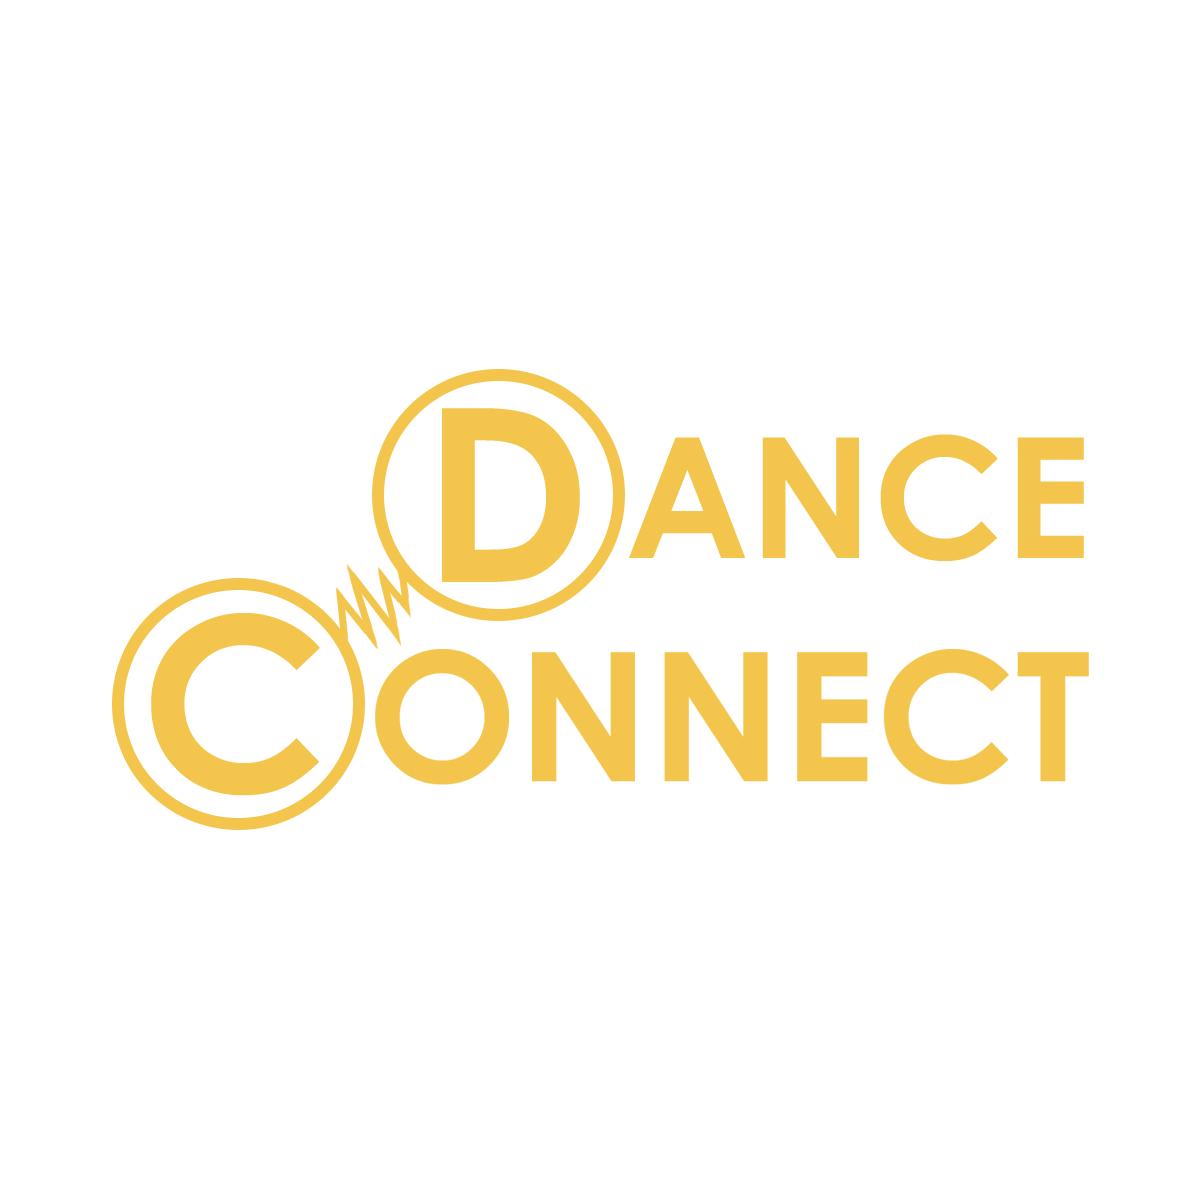 Разработка лого для спортивного портала www.danceconnect.ru фото f_8985b437d231e5a0.png